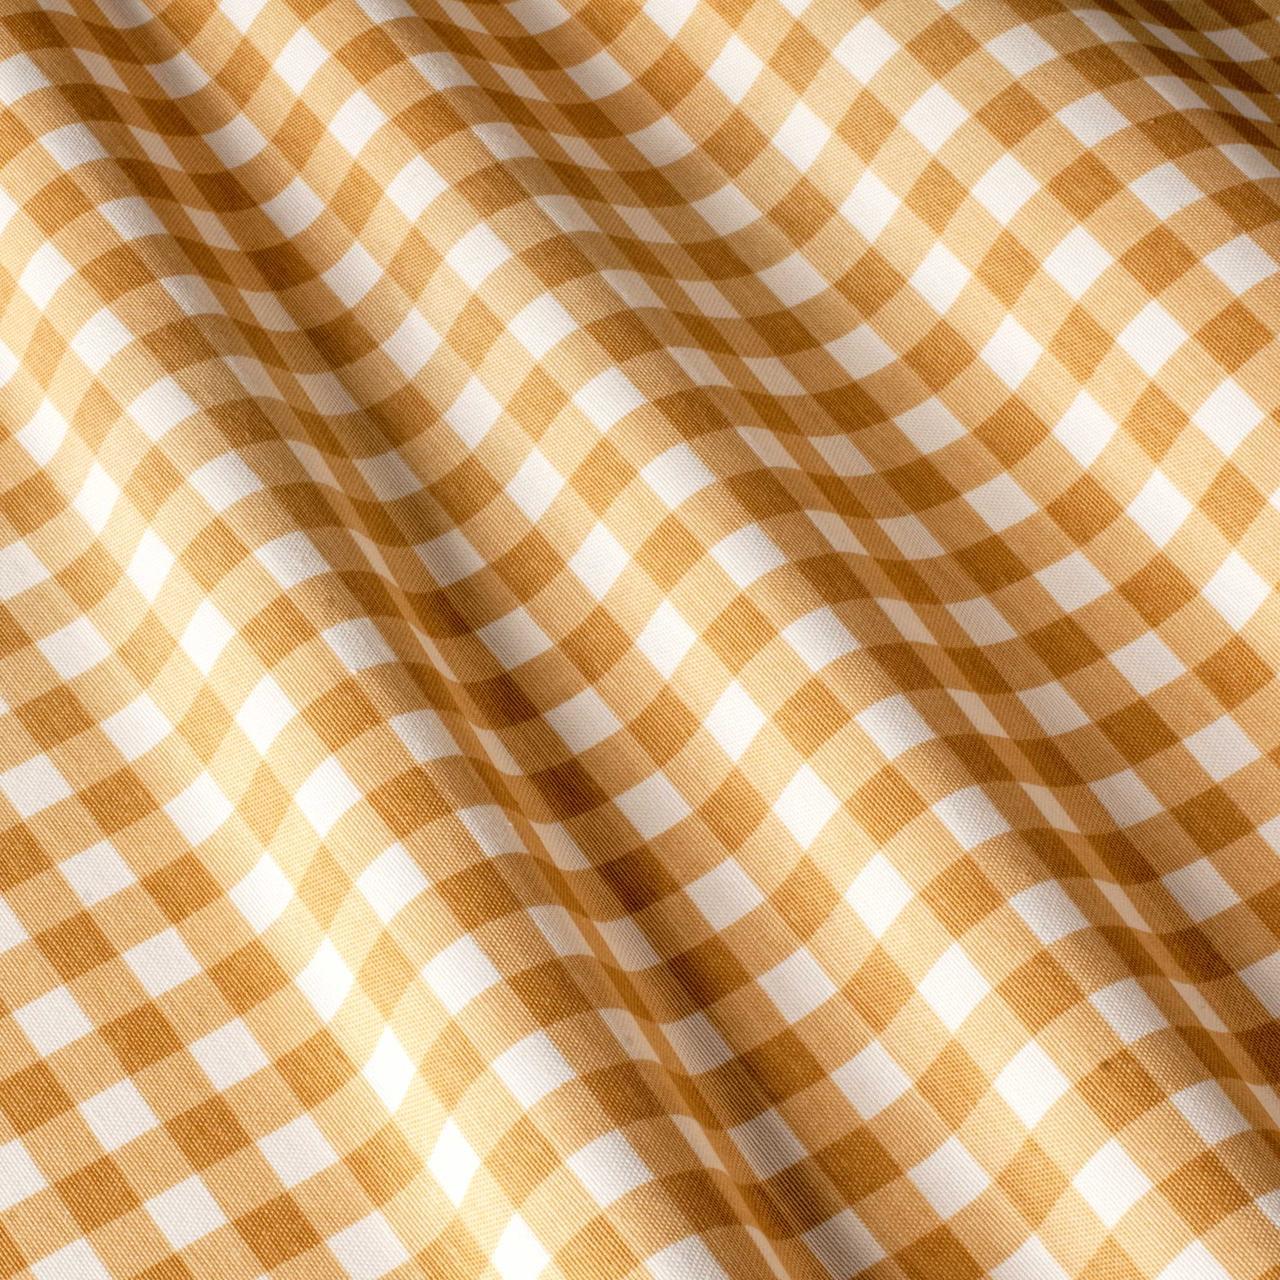 Ткань для штор и скатертей Teflon 030471 v24